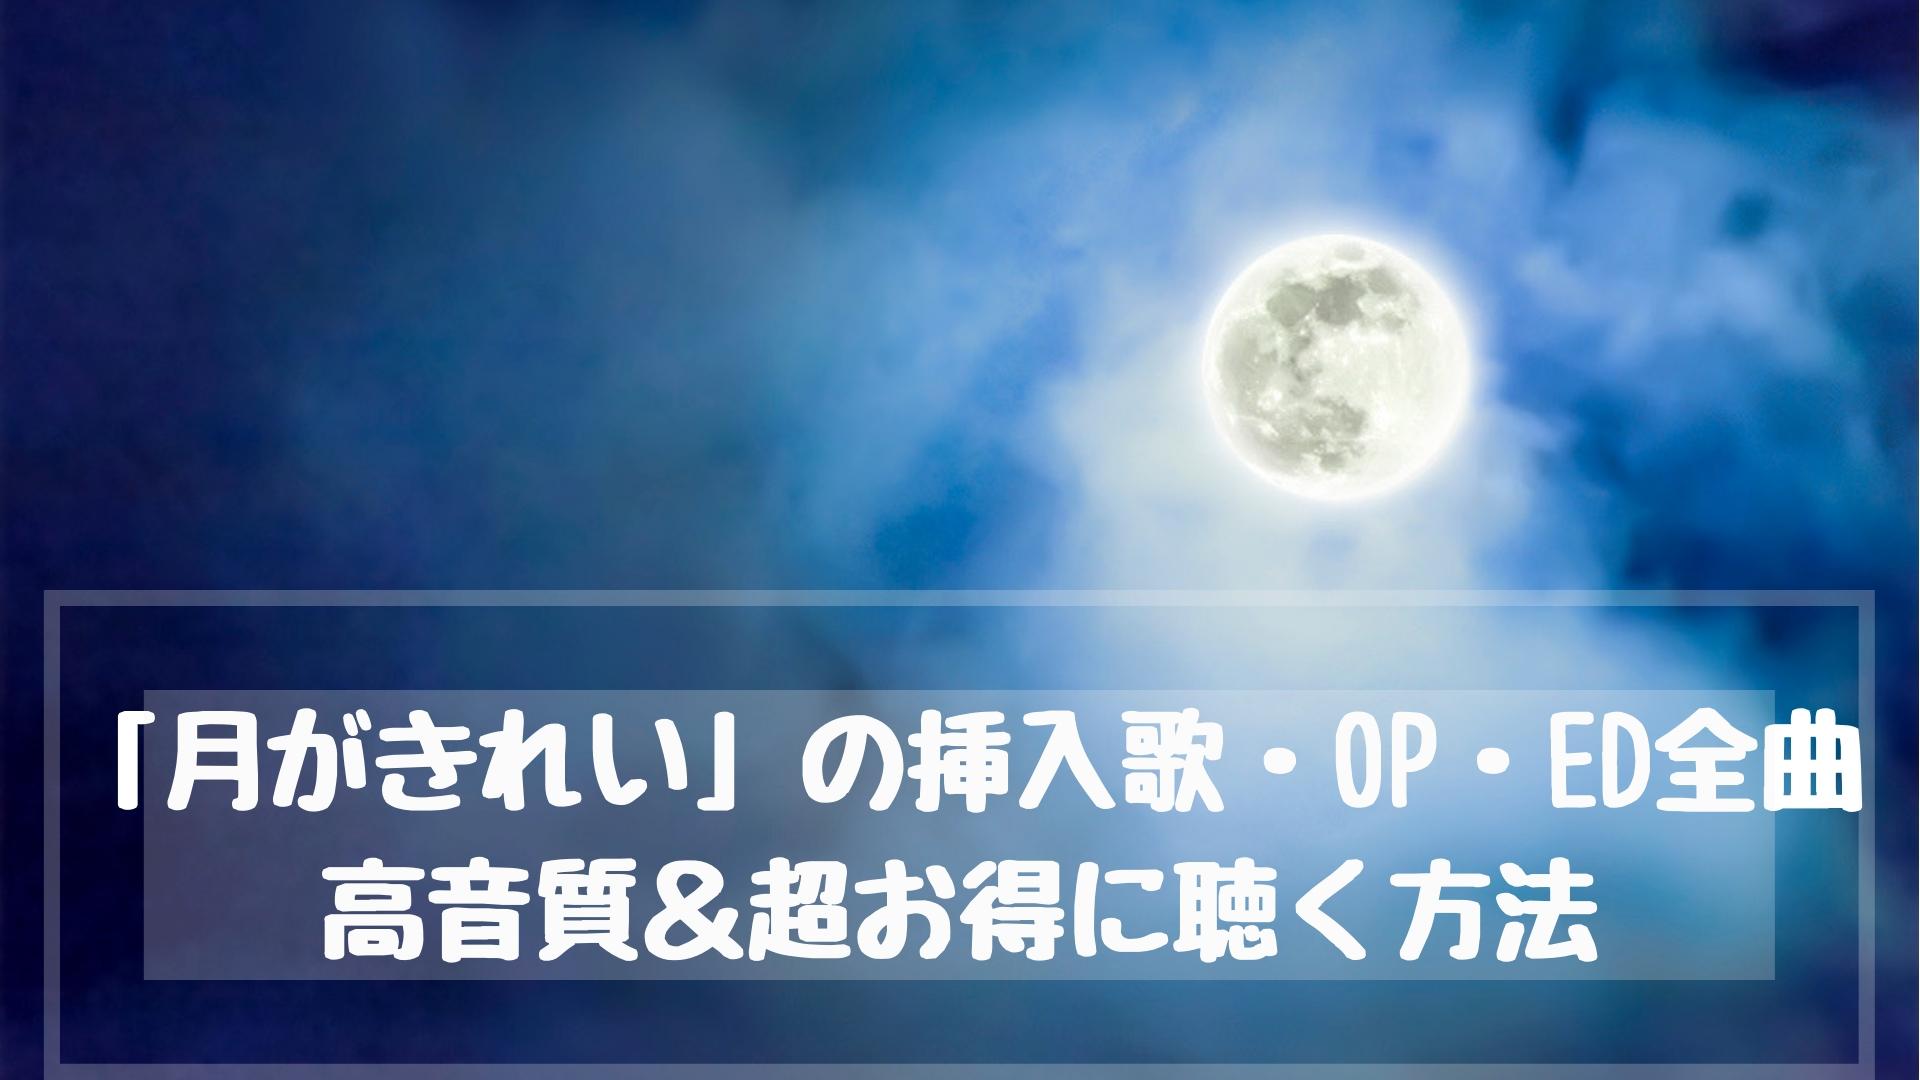 アニメ「月がきれい」の挿入歌・OP・ED全曲を高音質&超お得に聴く方法【合法】